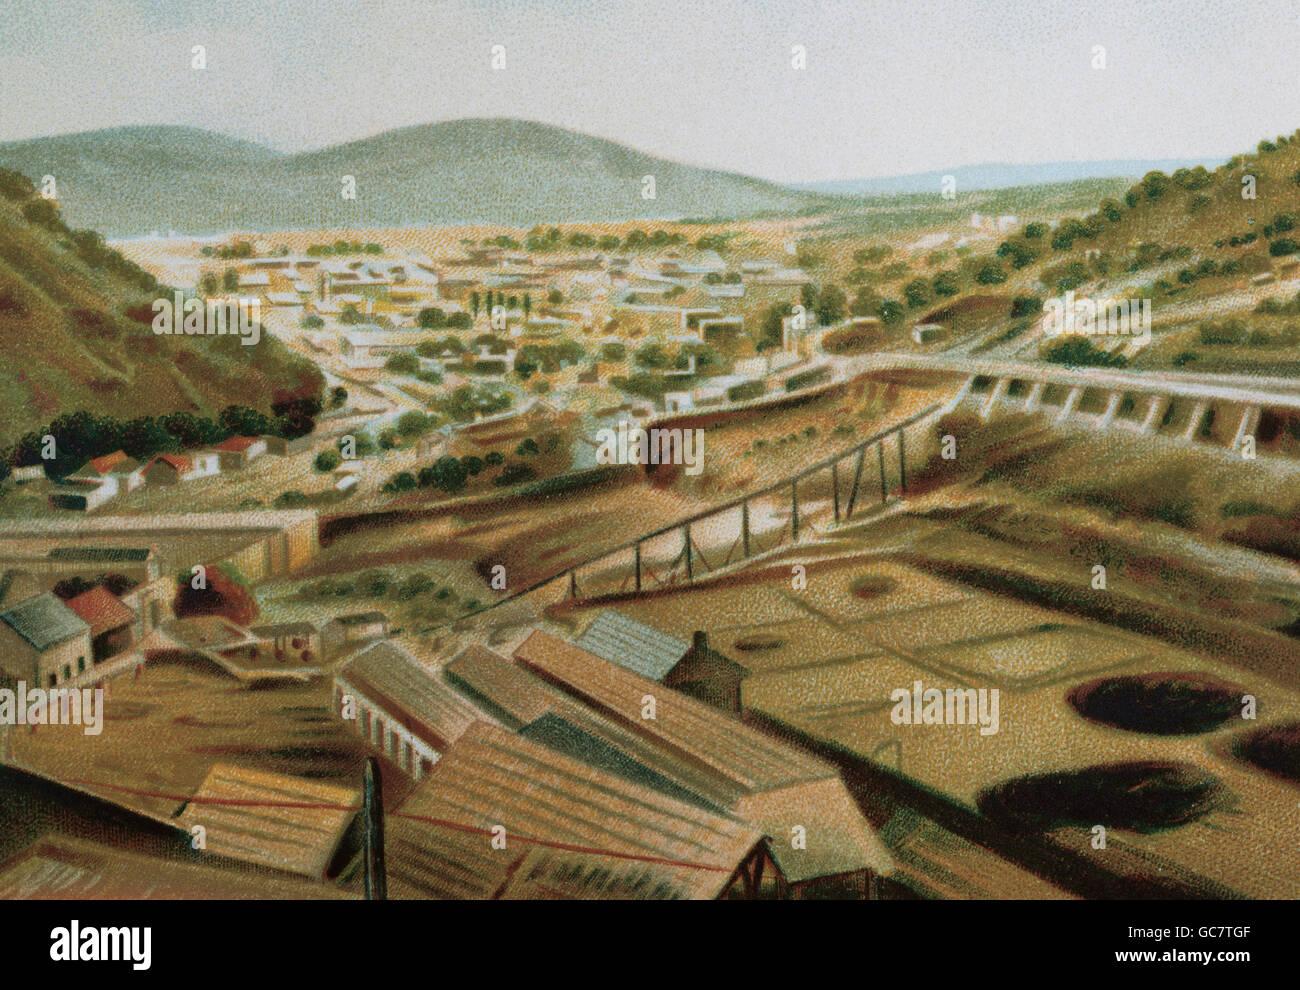 La storia del Messico. Hidalgo State. Pachuca. La litografia, 1880. Immagini Stock